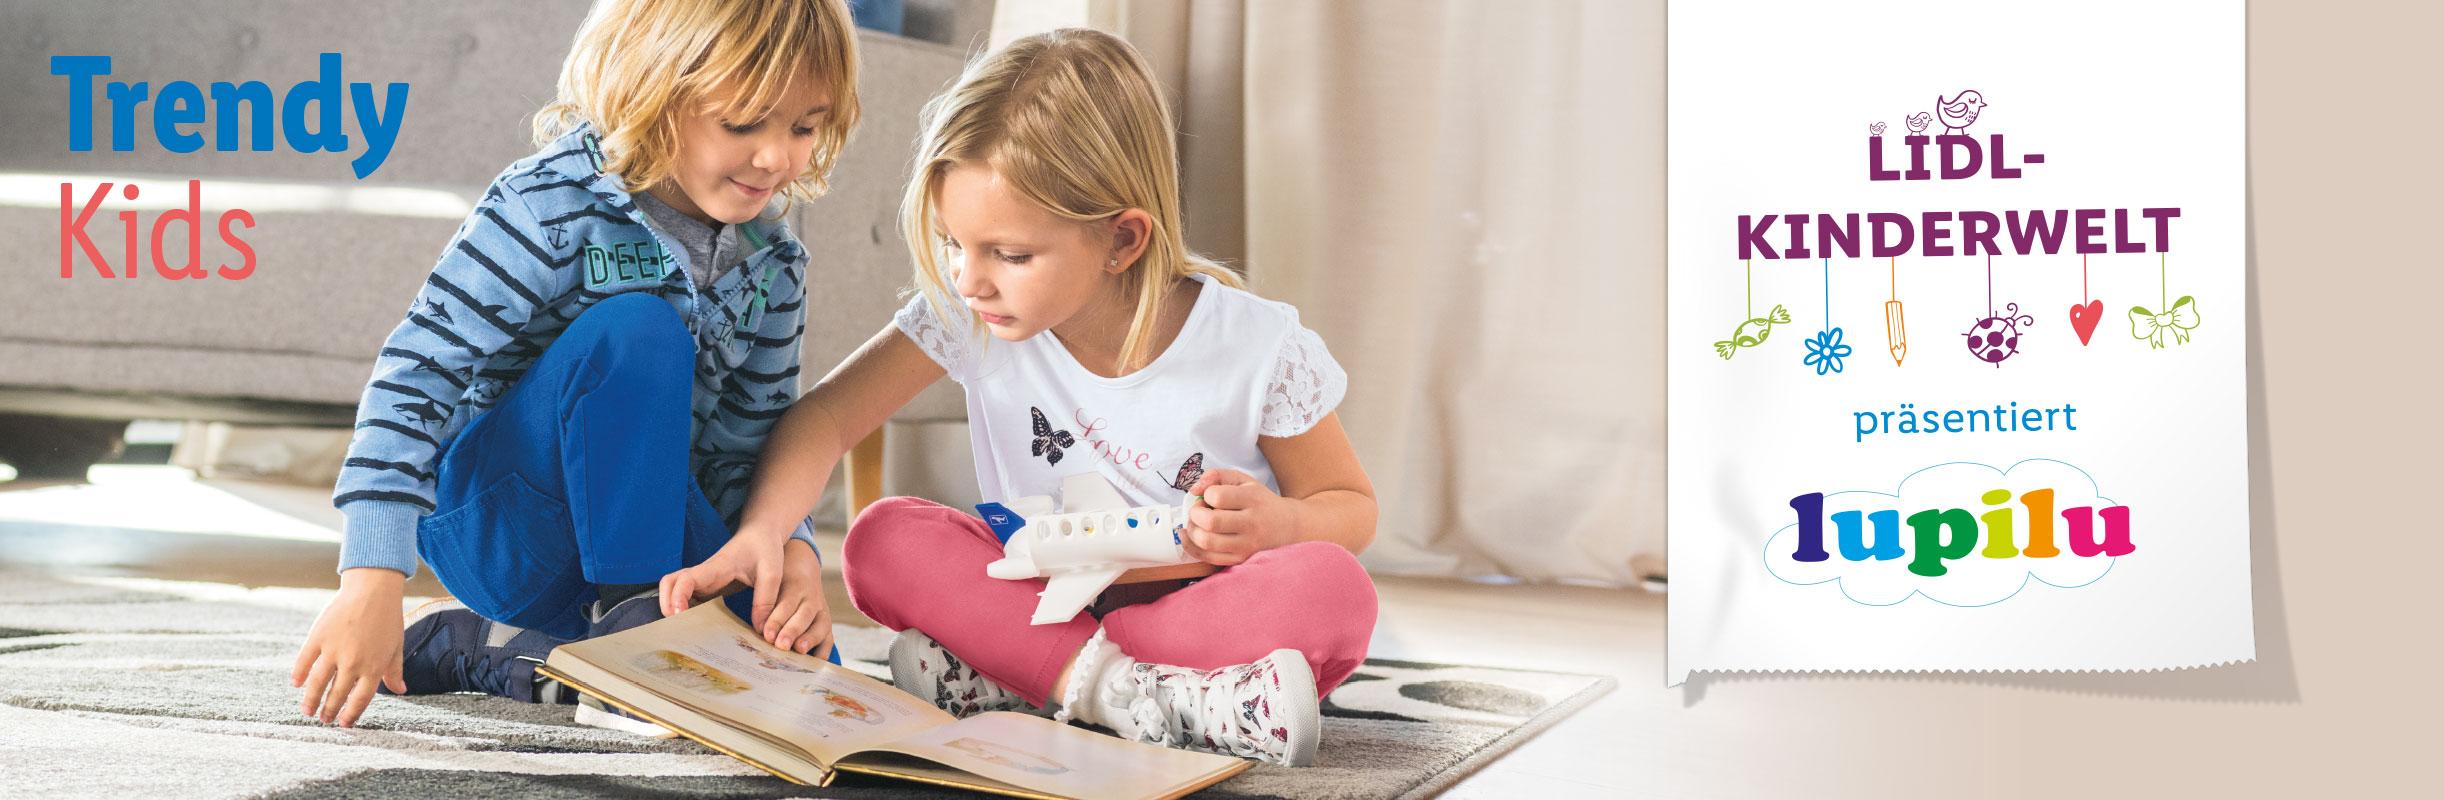 Lidl Banner - zwei Kinder spielen zusammen